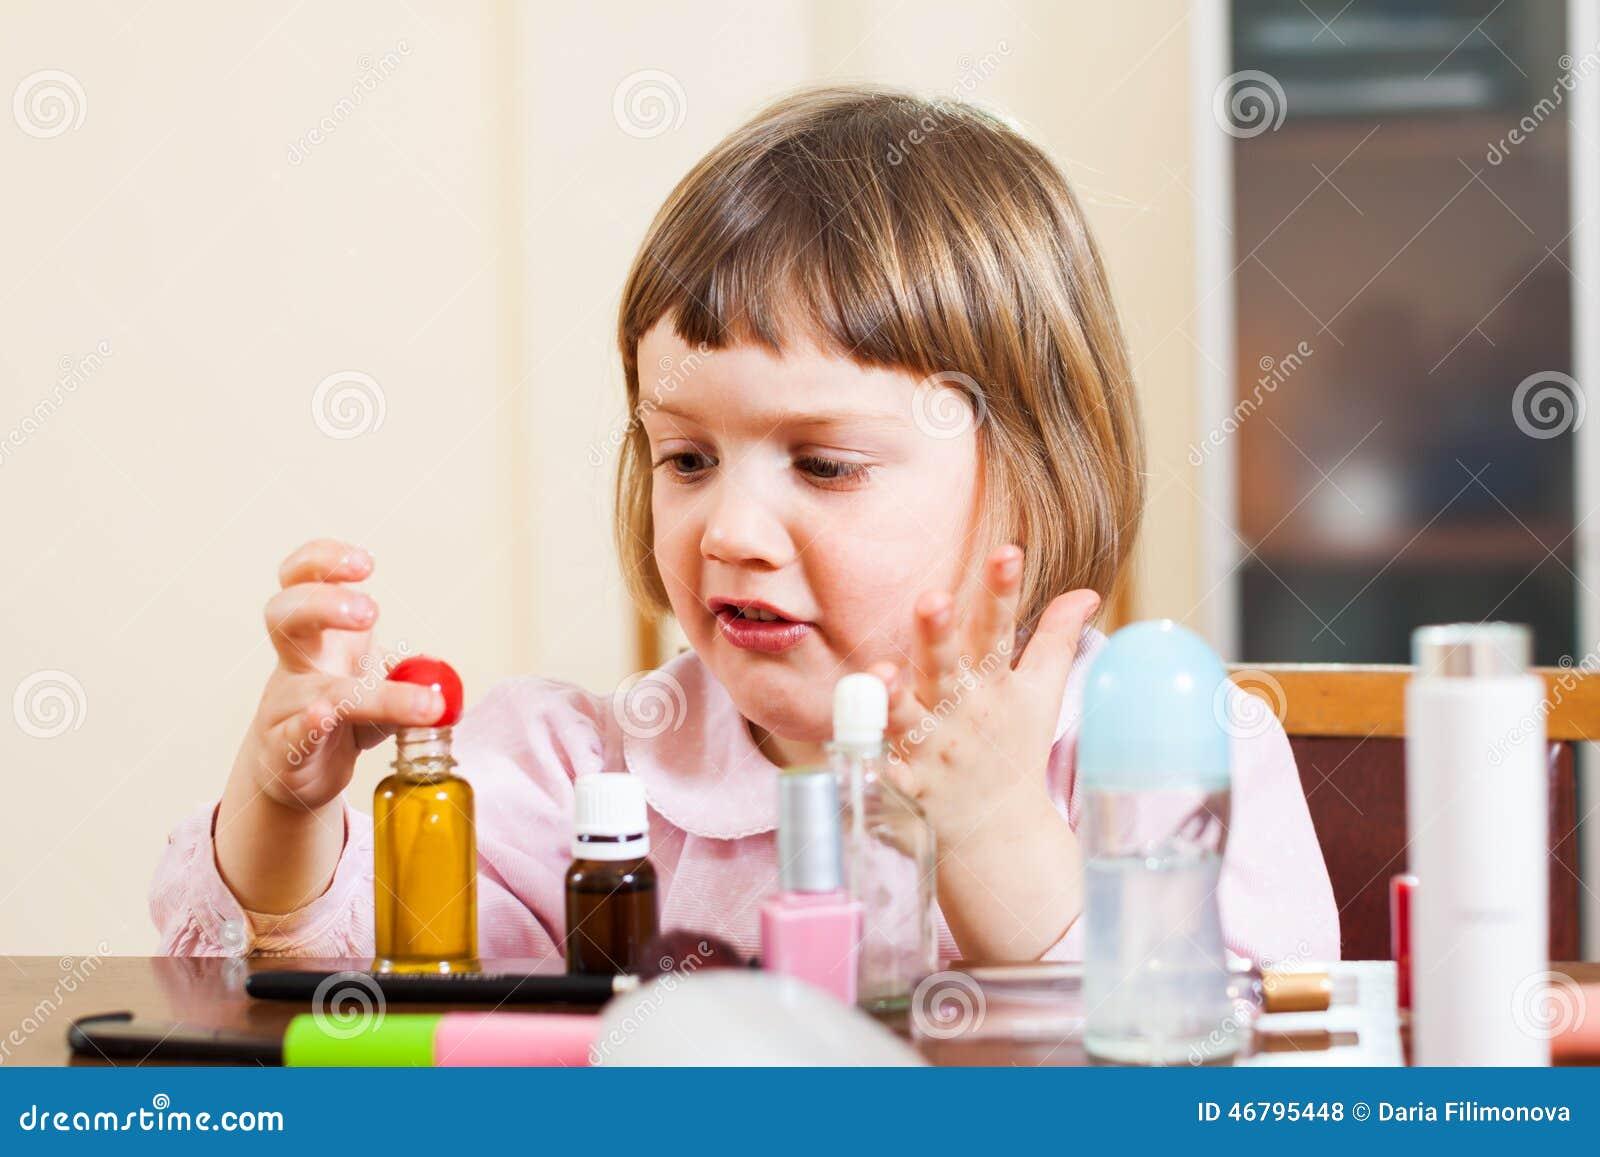 Κορίτσι που αναπτύσσει την επιδεξιότητα στην παιδική χαρά